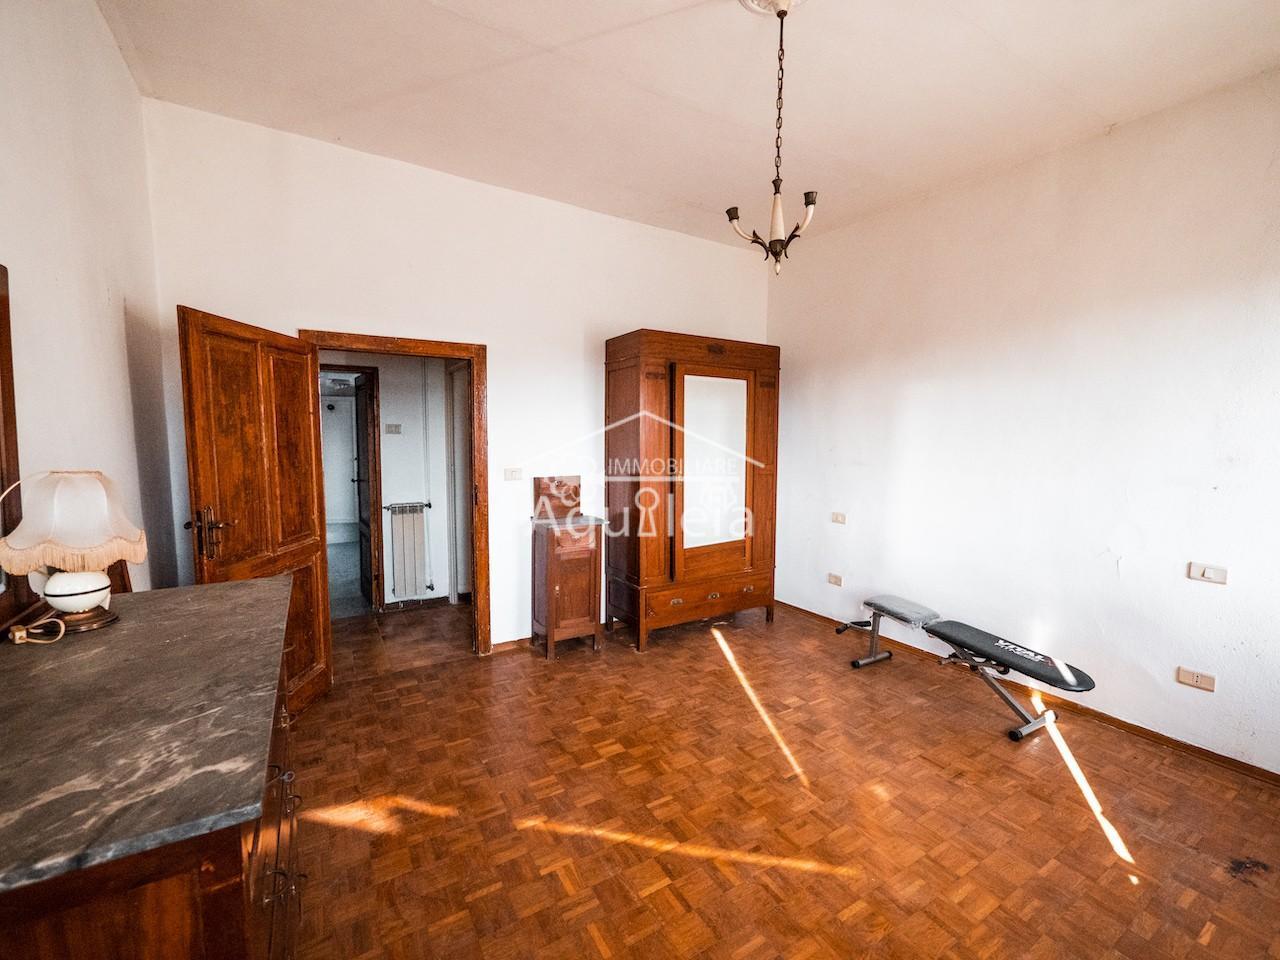 Appartamento in vendita, rif. AQ 1879